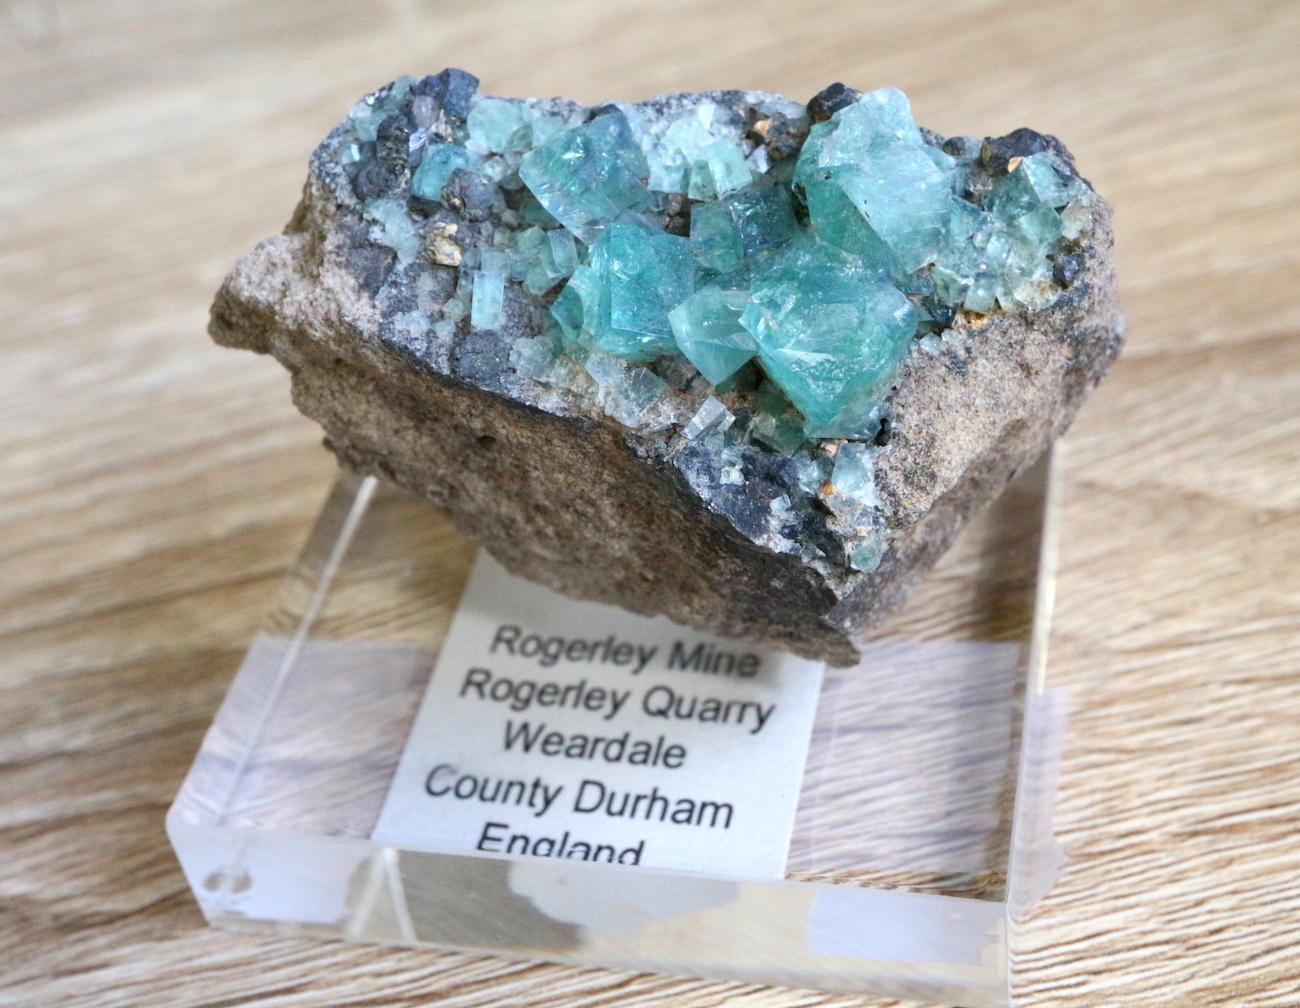 ロジャリー鉱山! グリーン フローライト 蛍石 原石 イギリス産 74,2g  FL021